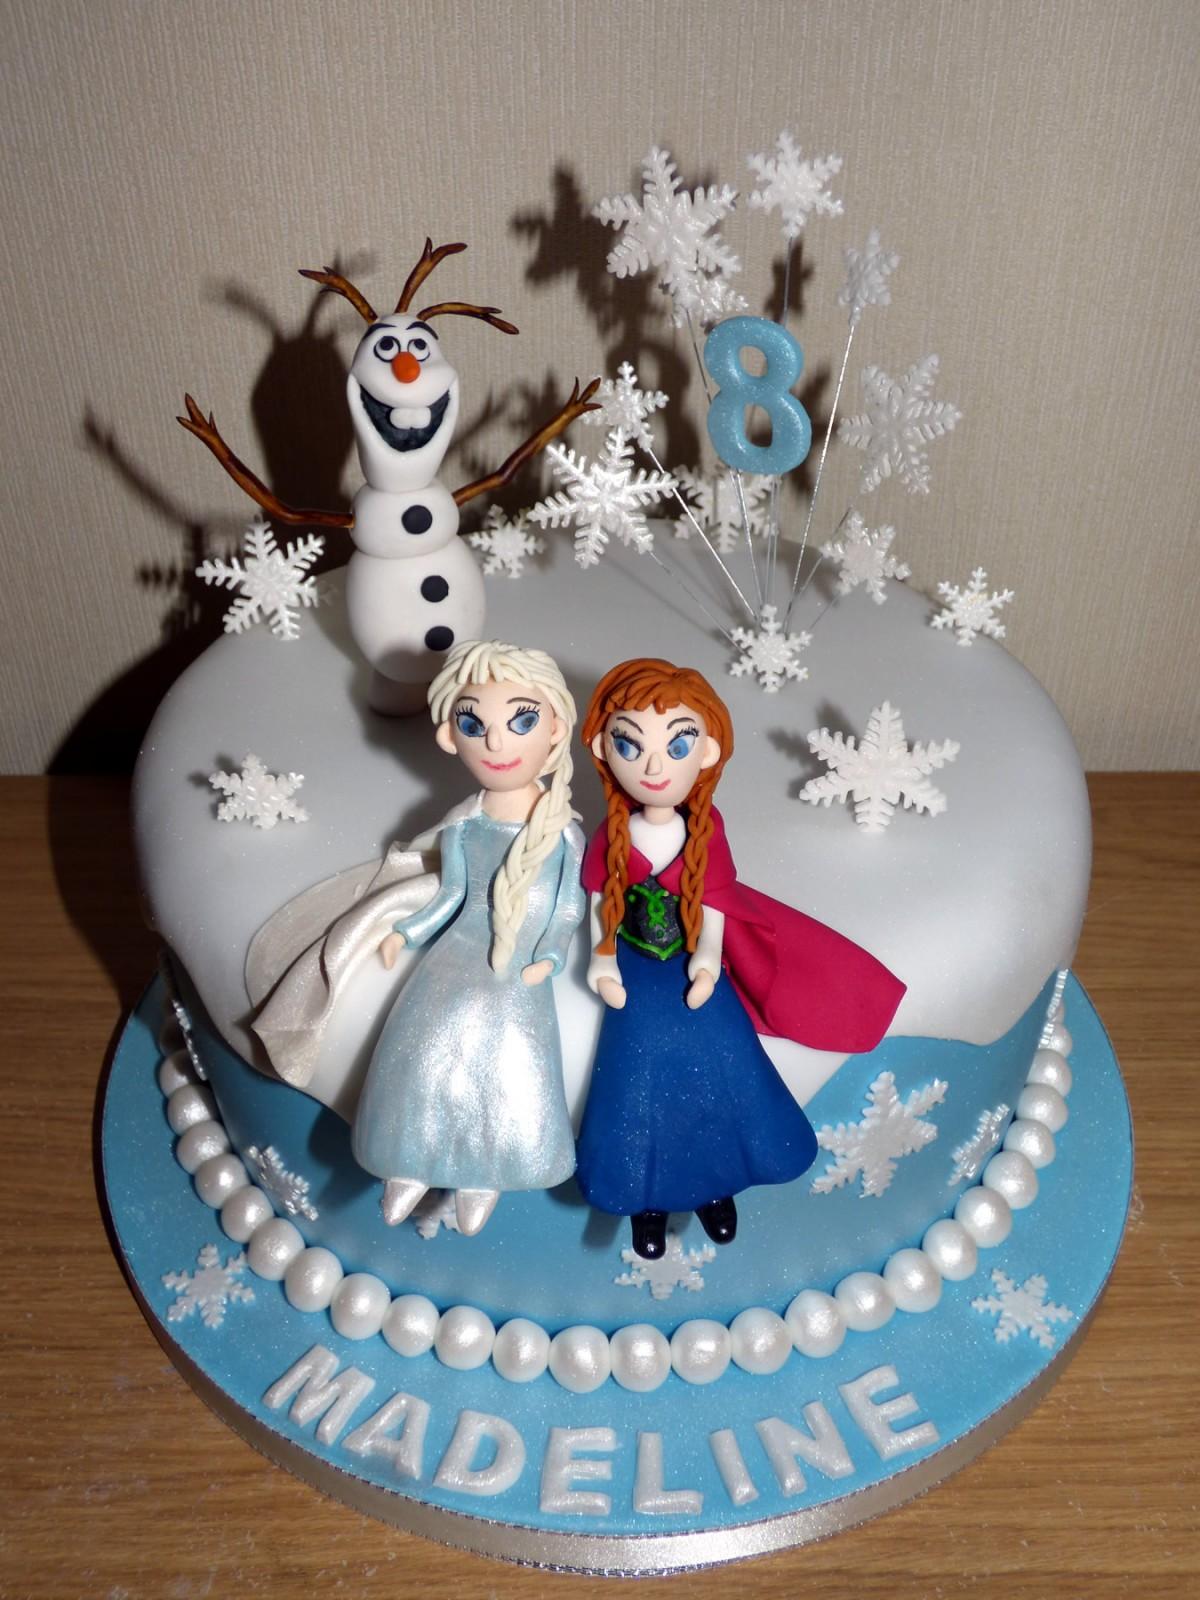 Disney Frozen Birthday Cake 171 Susie S Cakes